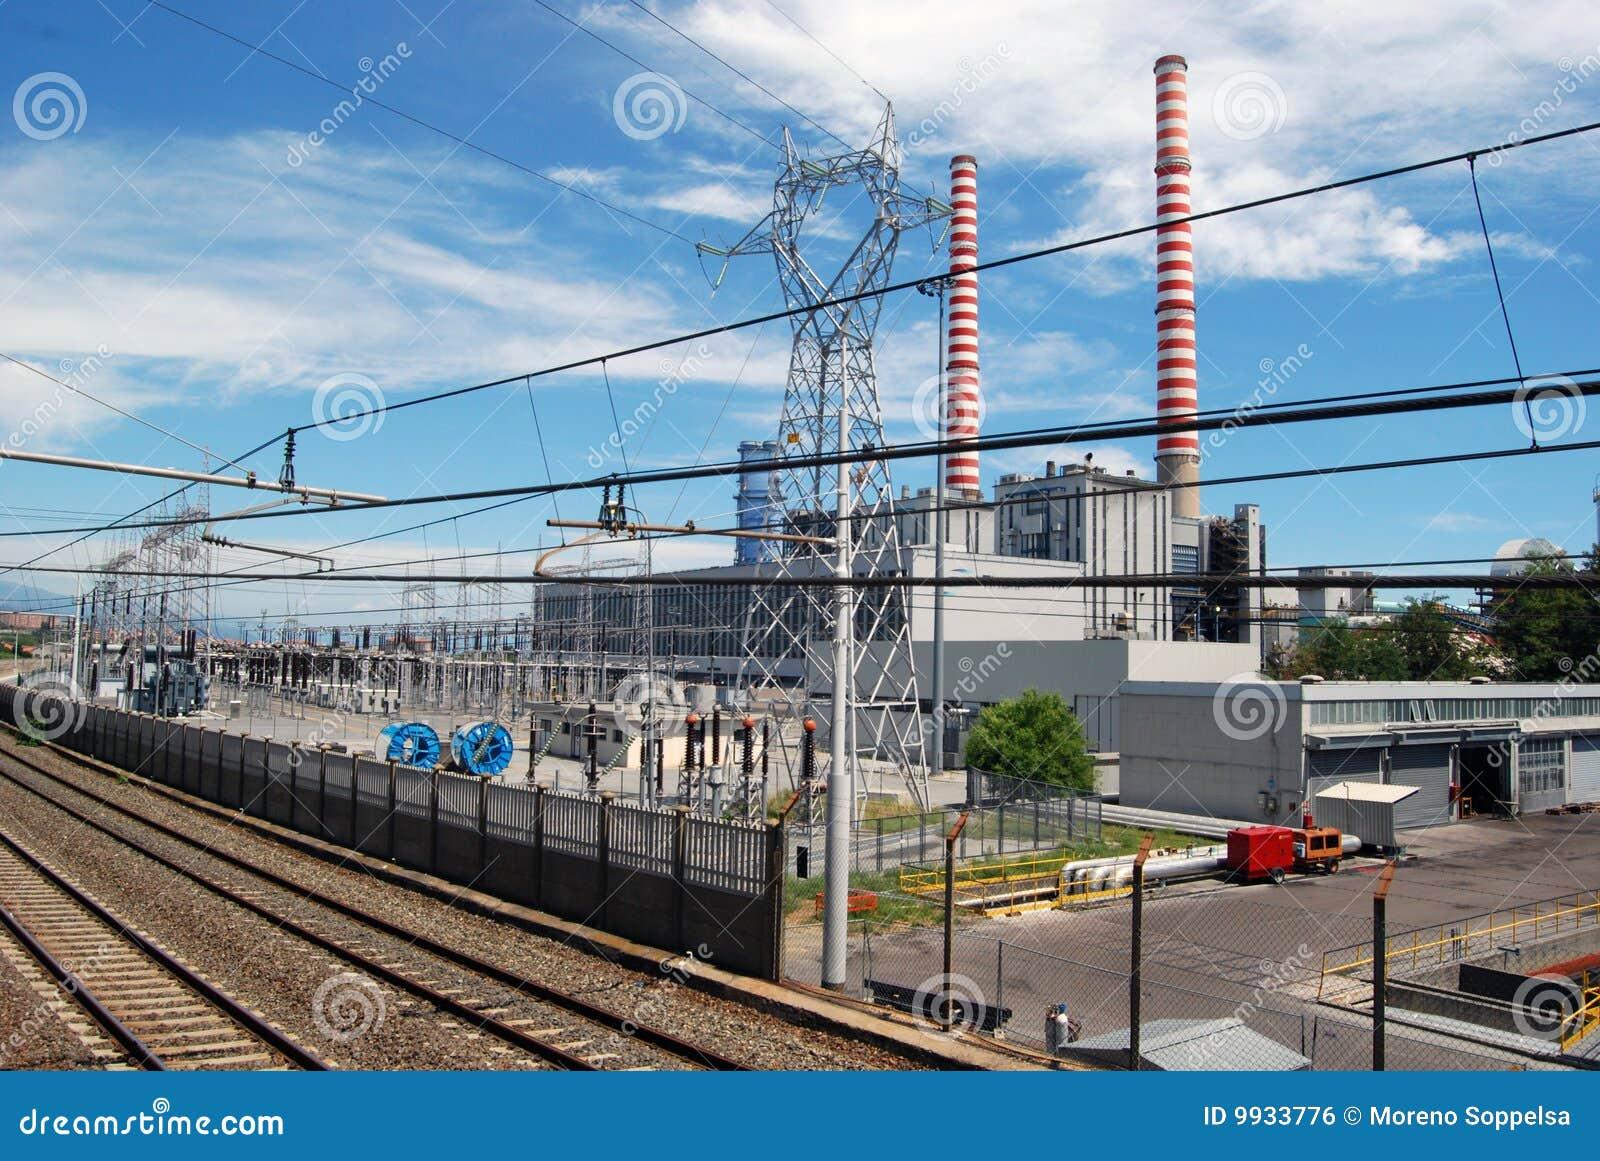 σταθμός παραγωγής ηλεκτρικού ρεύματος άνθρακα θερμικός